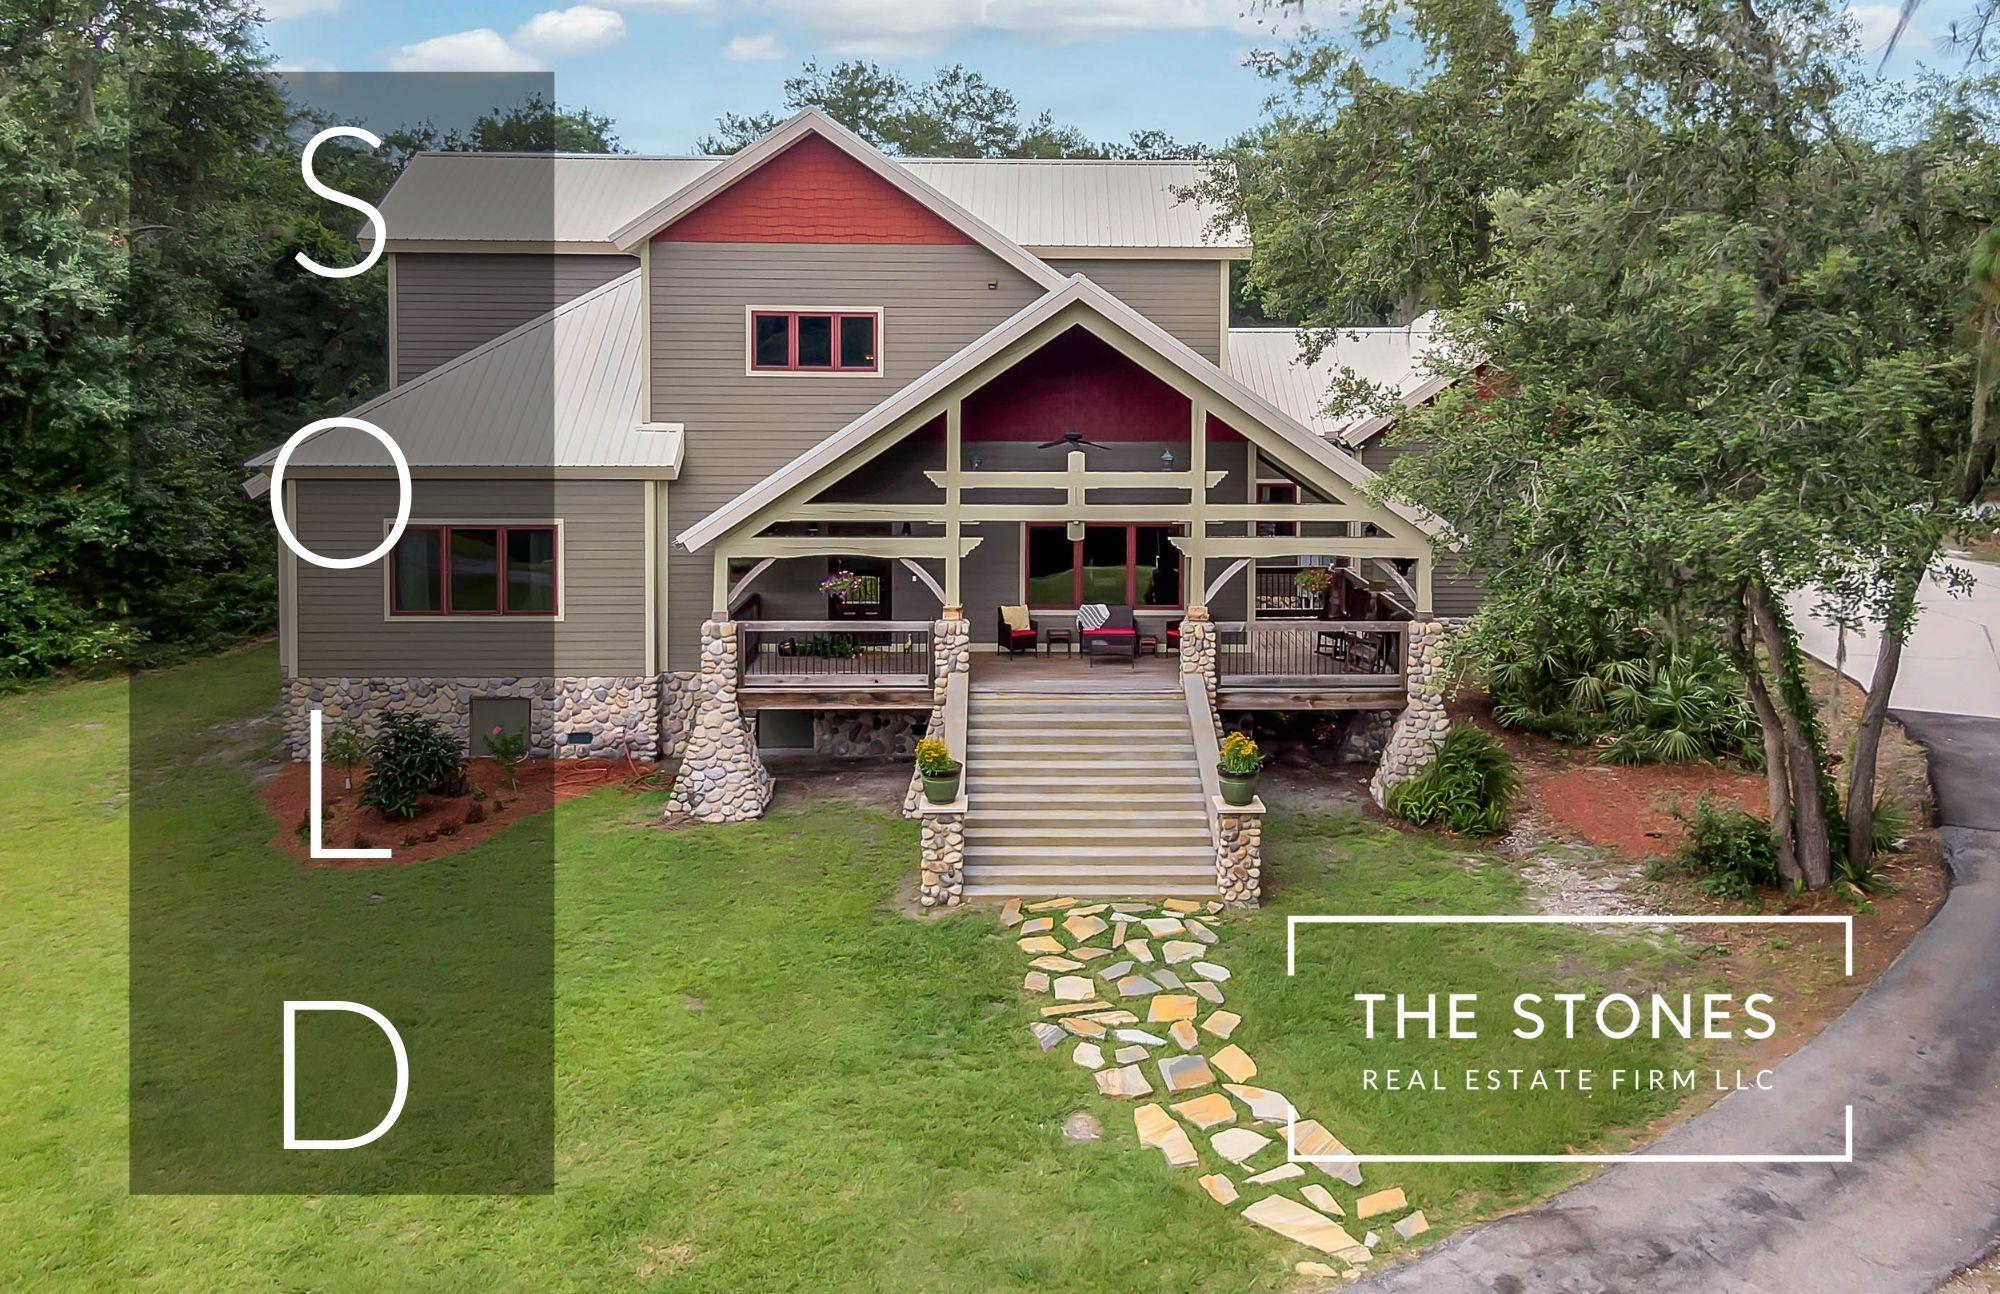 4488 Homewood Lane - Lakeland Florida - Just Sold